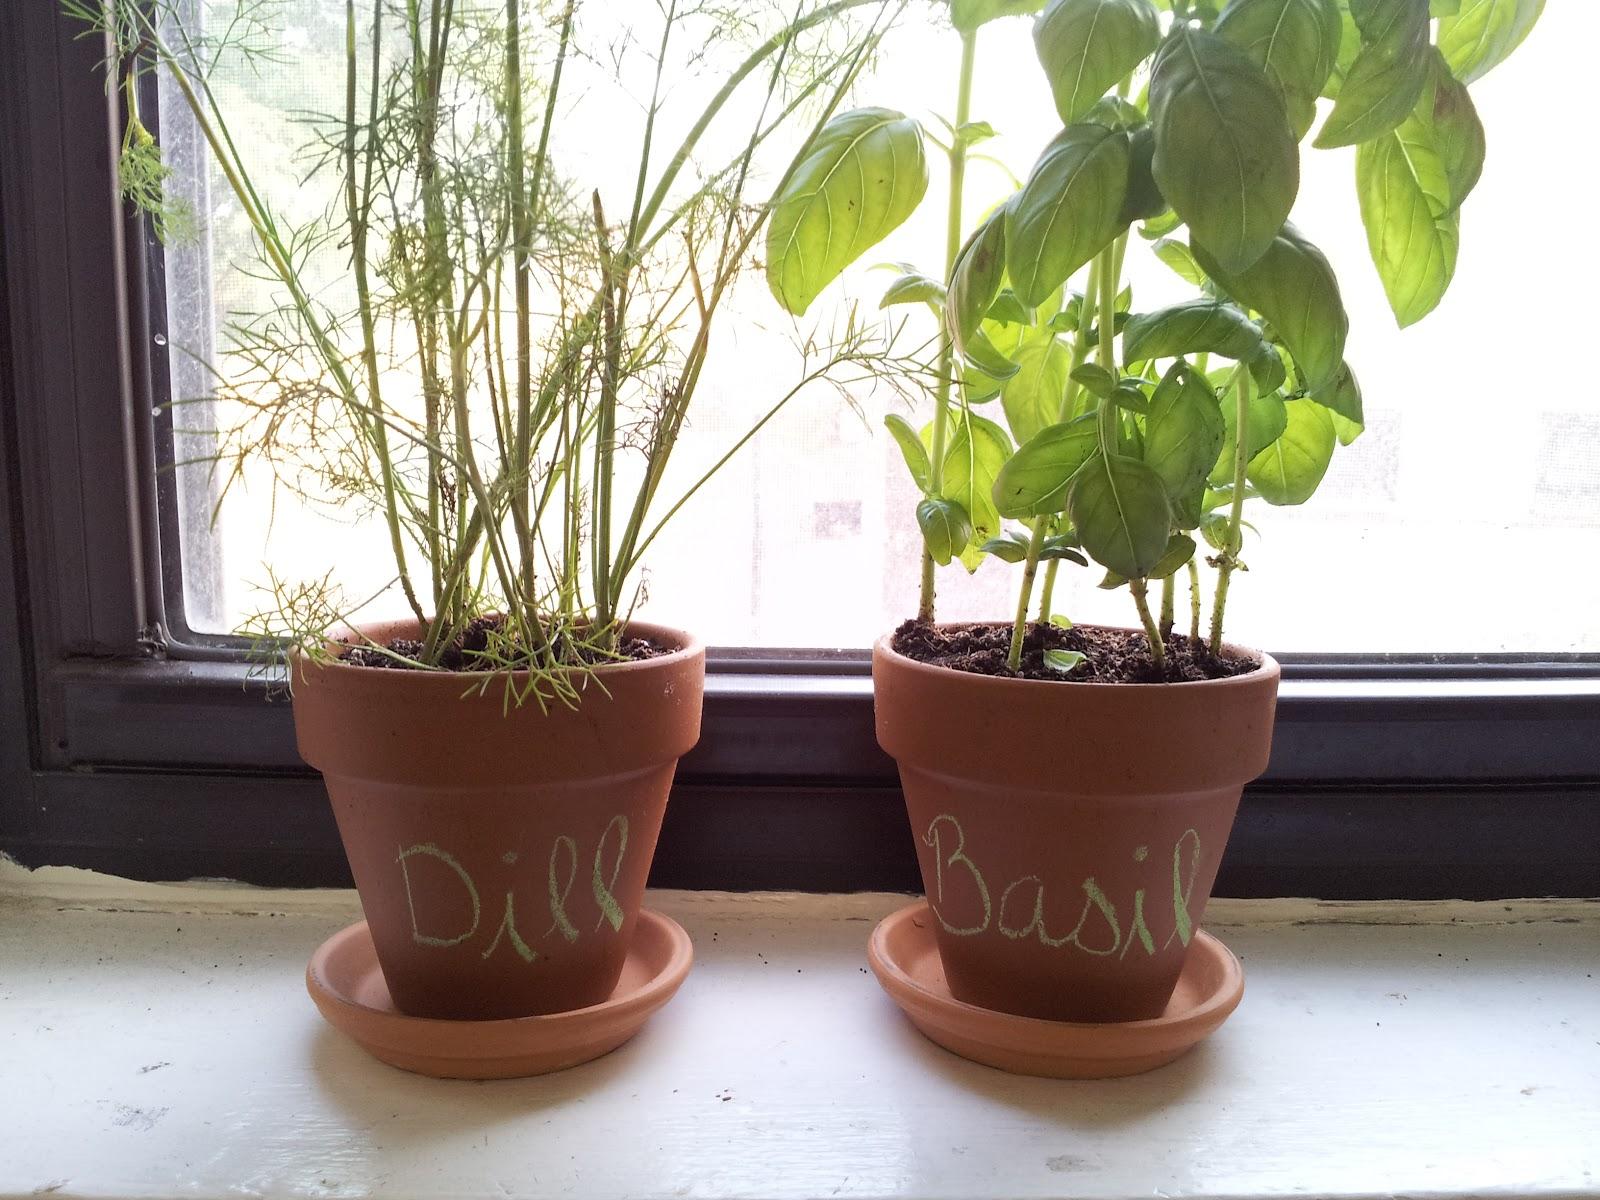 New Girl Old Town Indoor Gardening